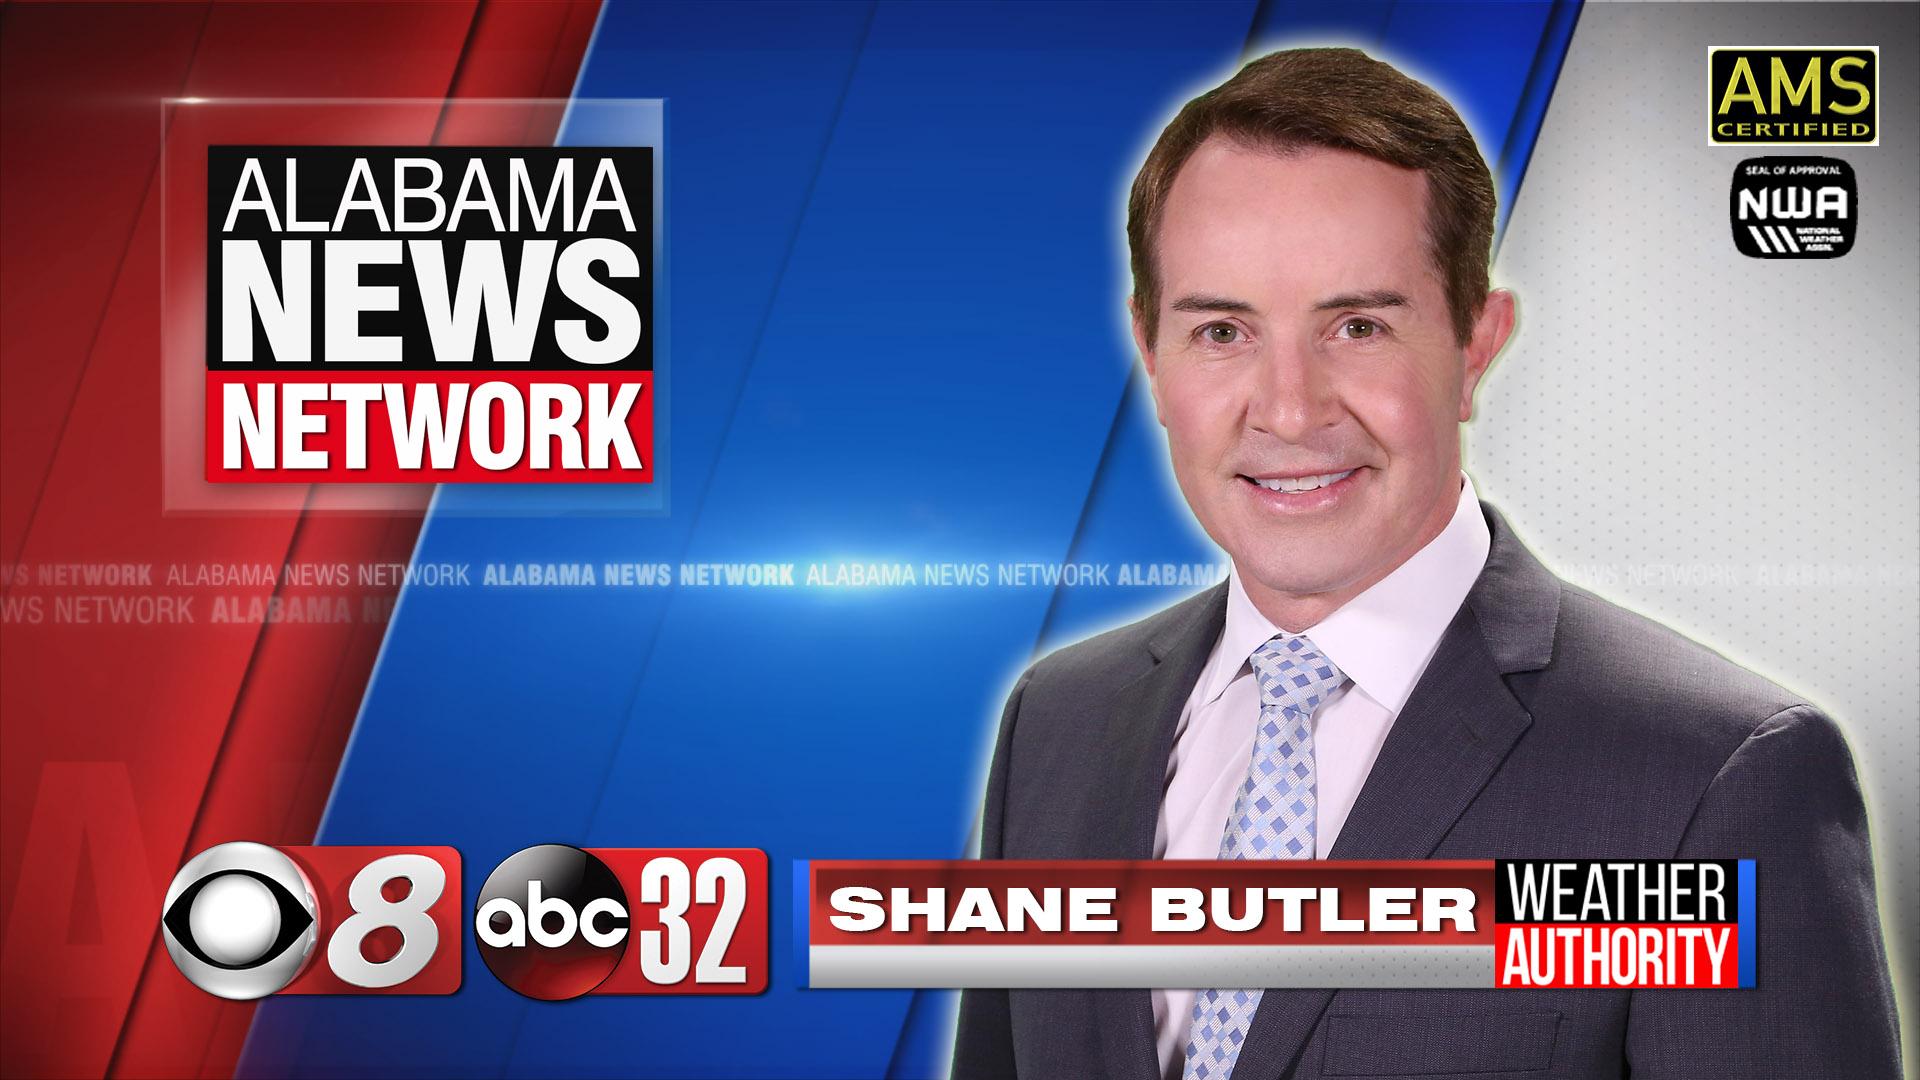 Shane Butler - Alabama News